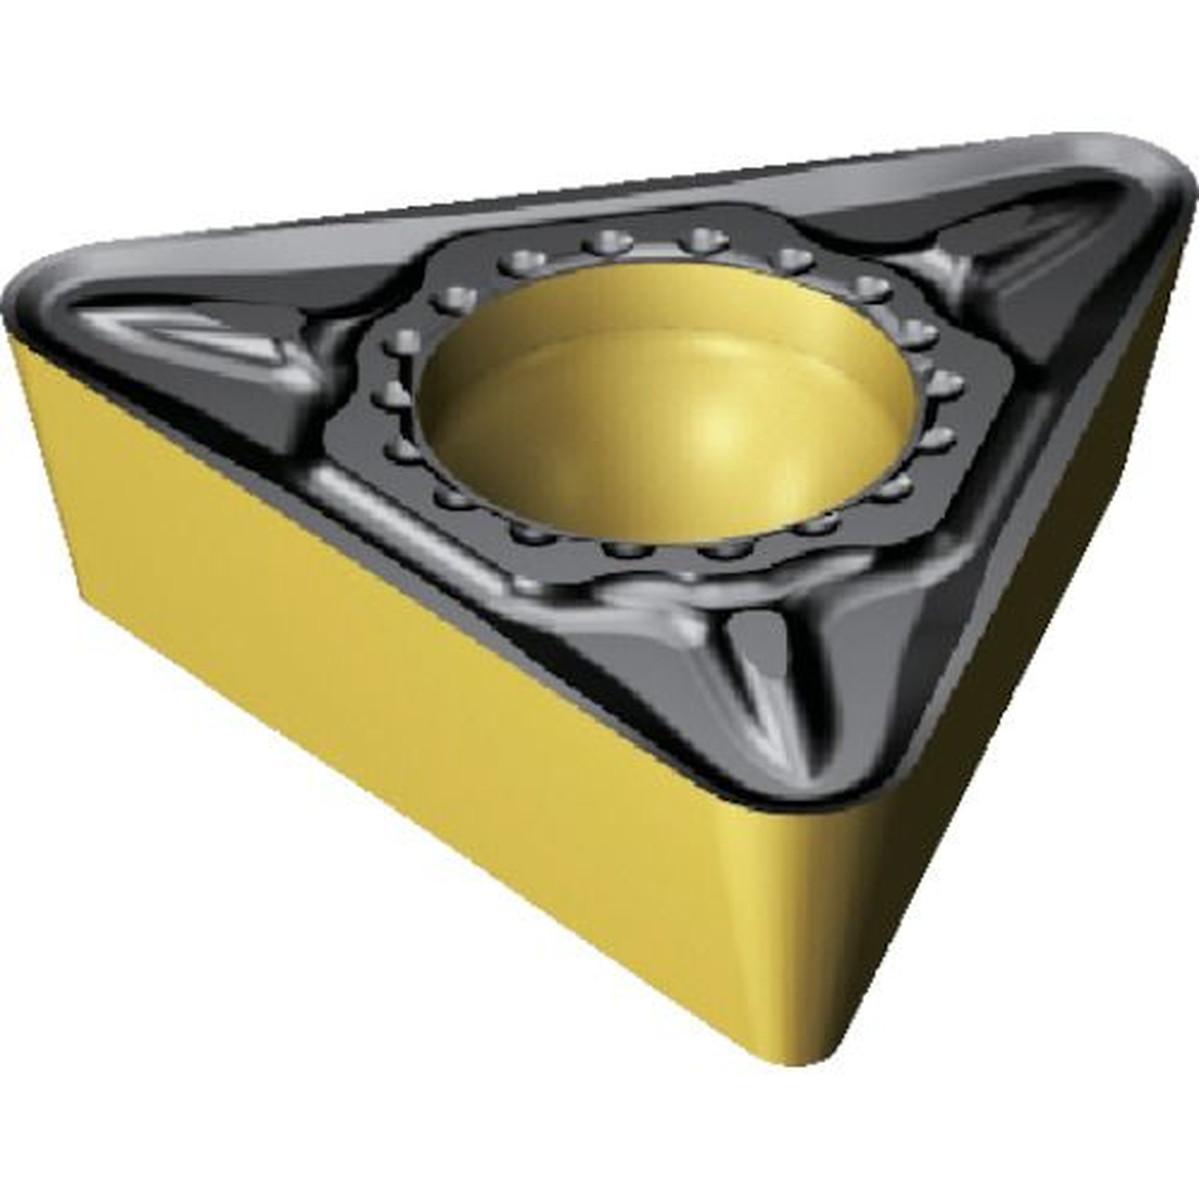 割引購入 サンドビック サンドビック 10個 コロターン107チップ COAT コロターン107チップ 10個, 3Dくつした専門店mintbaby:1fdcf6ee --- promotime.lt